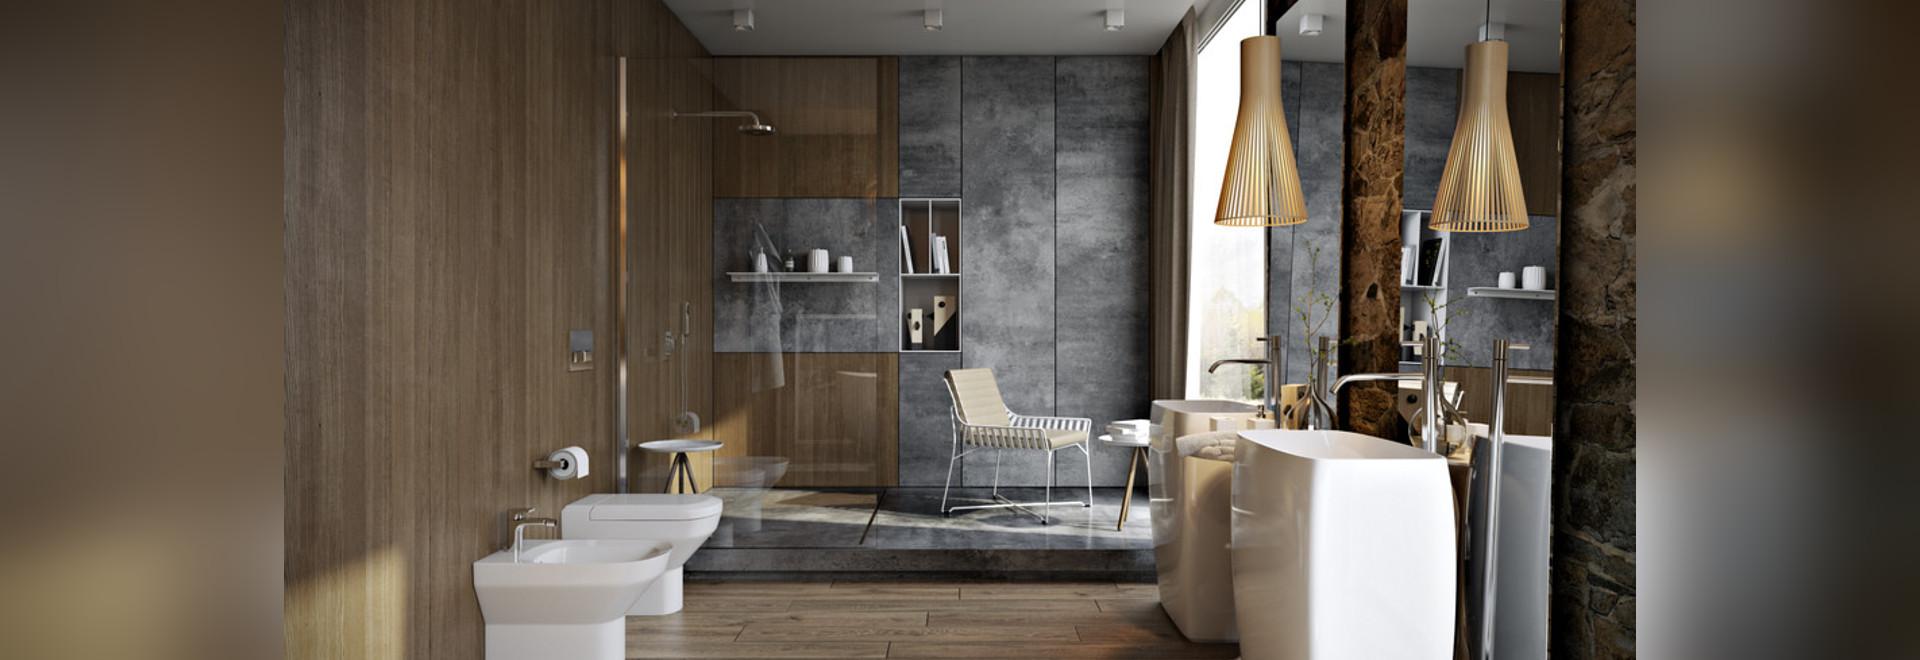 5 salles de bains de luxe dans le détail élevé - Ukraine